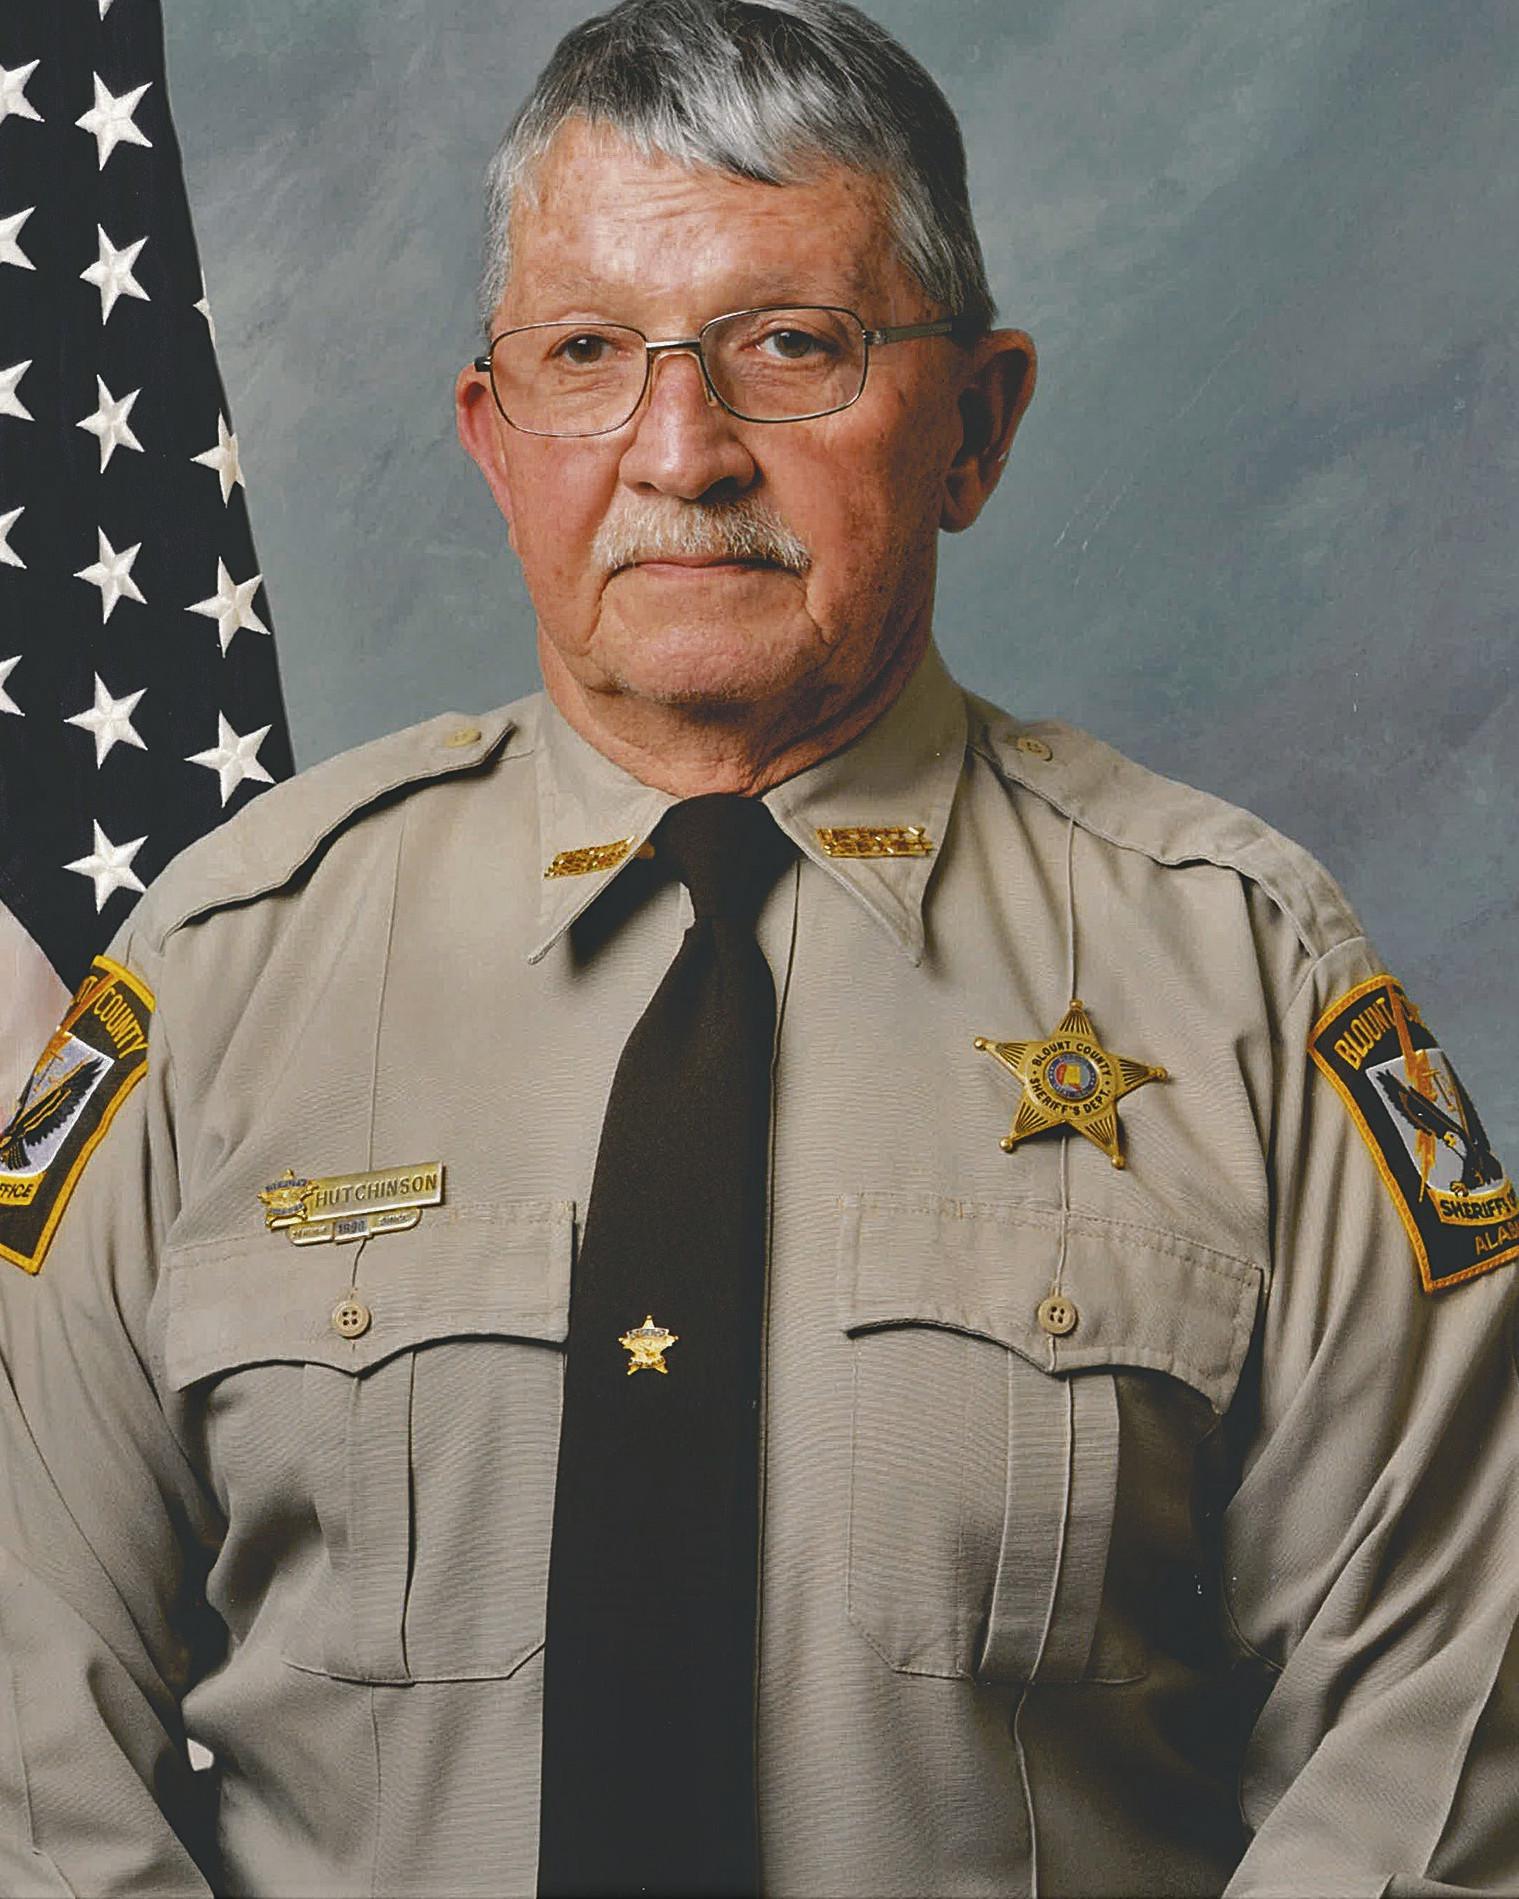 Deputy Sheriff Harry